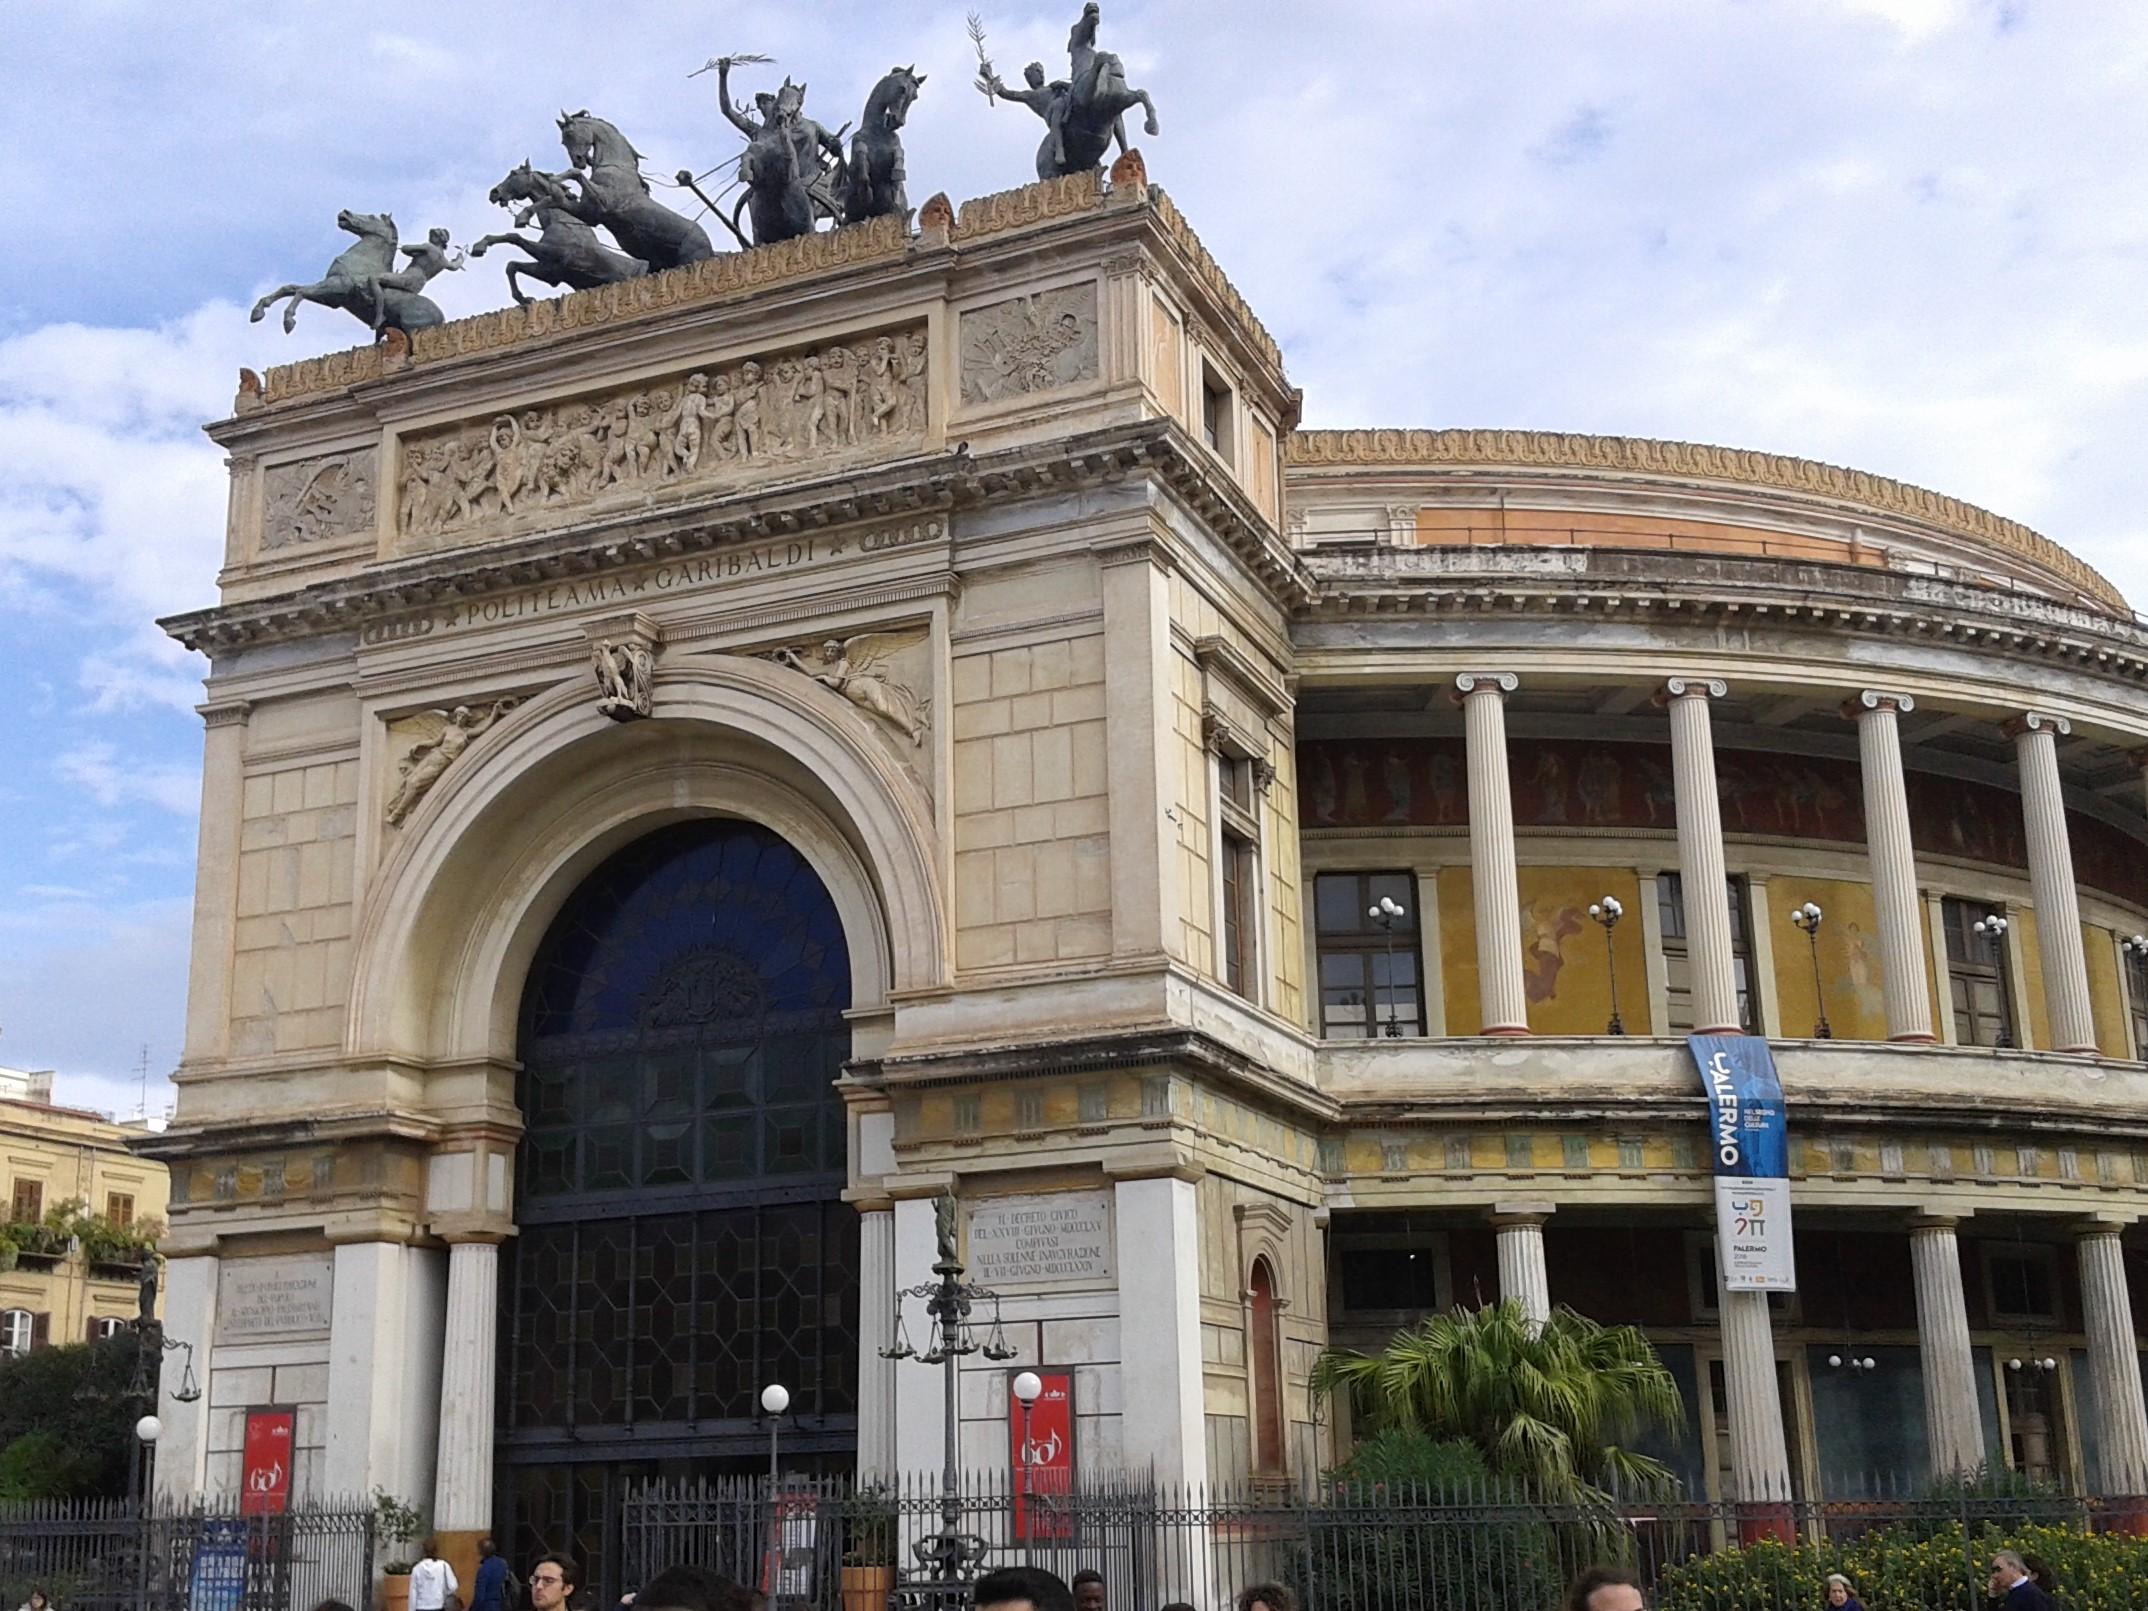 PALERMO - Teatro Politeama Crociere nel cuore